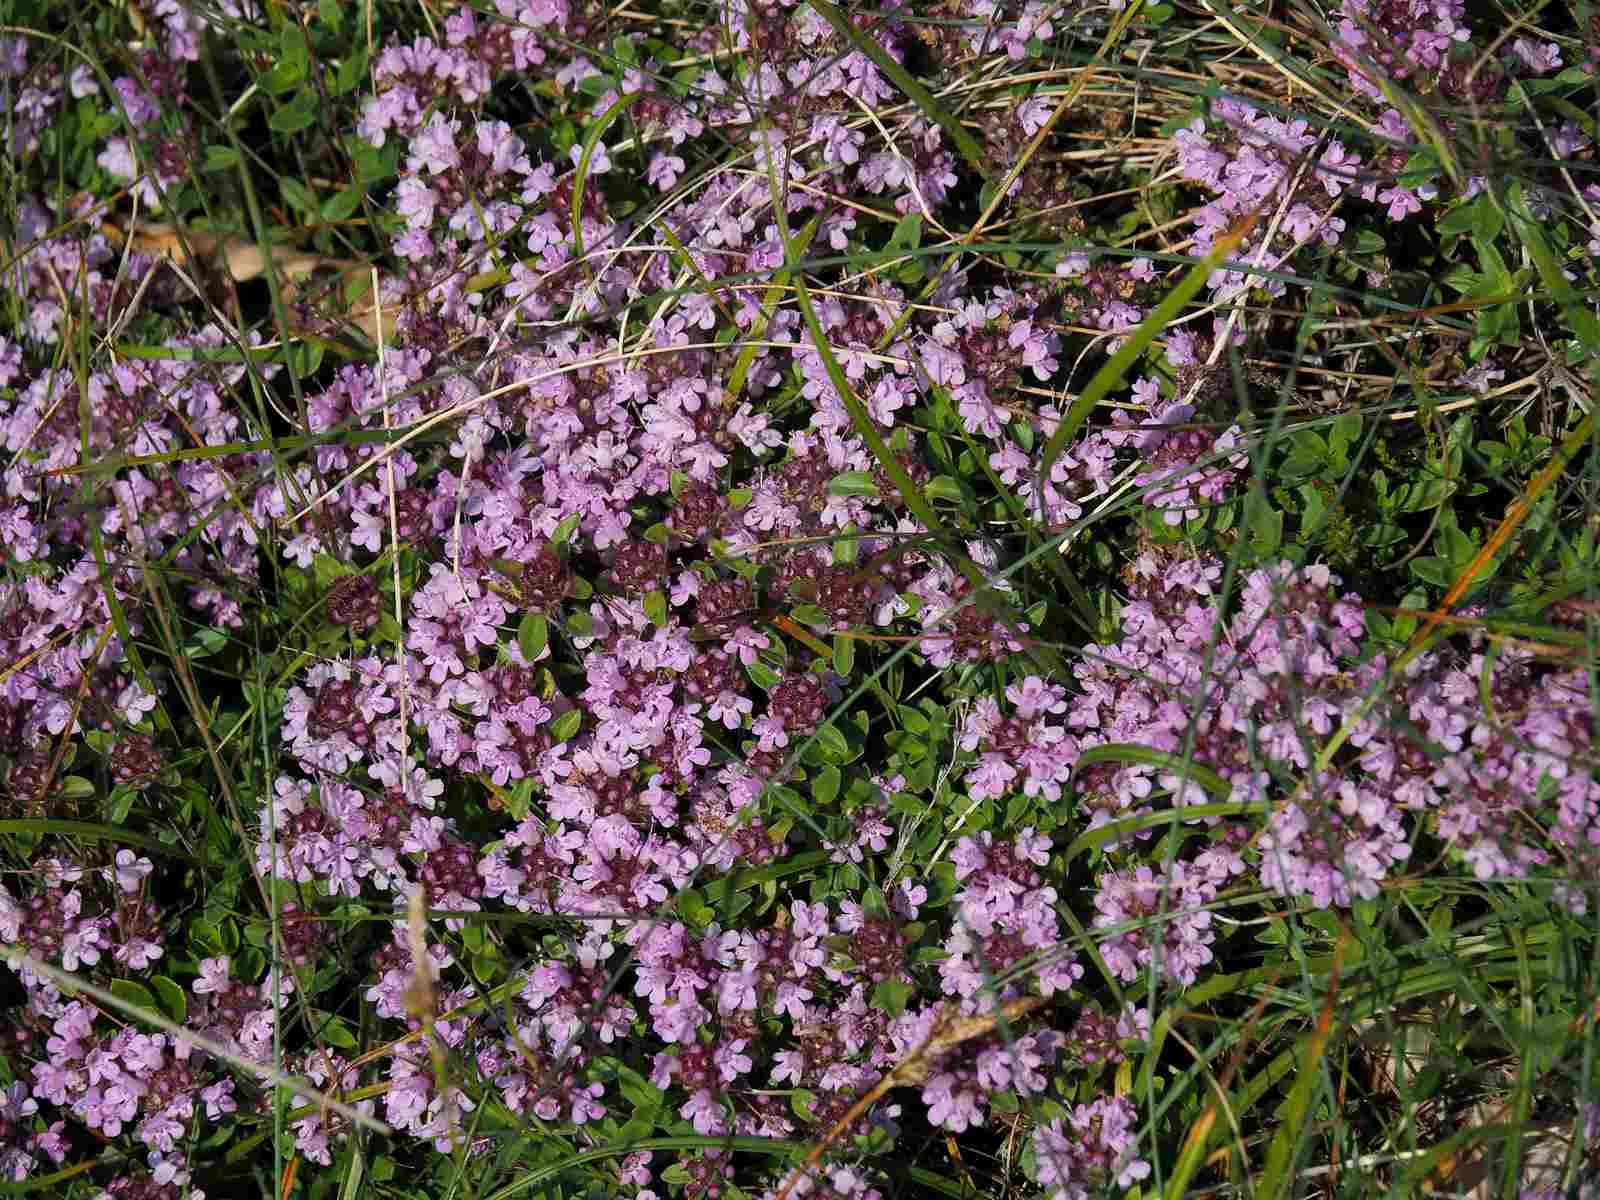 Thyme plants in flower